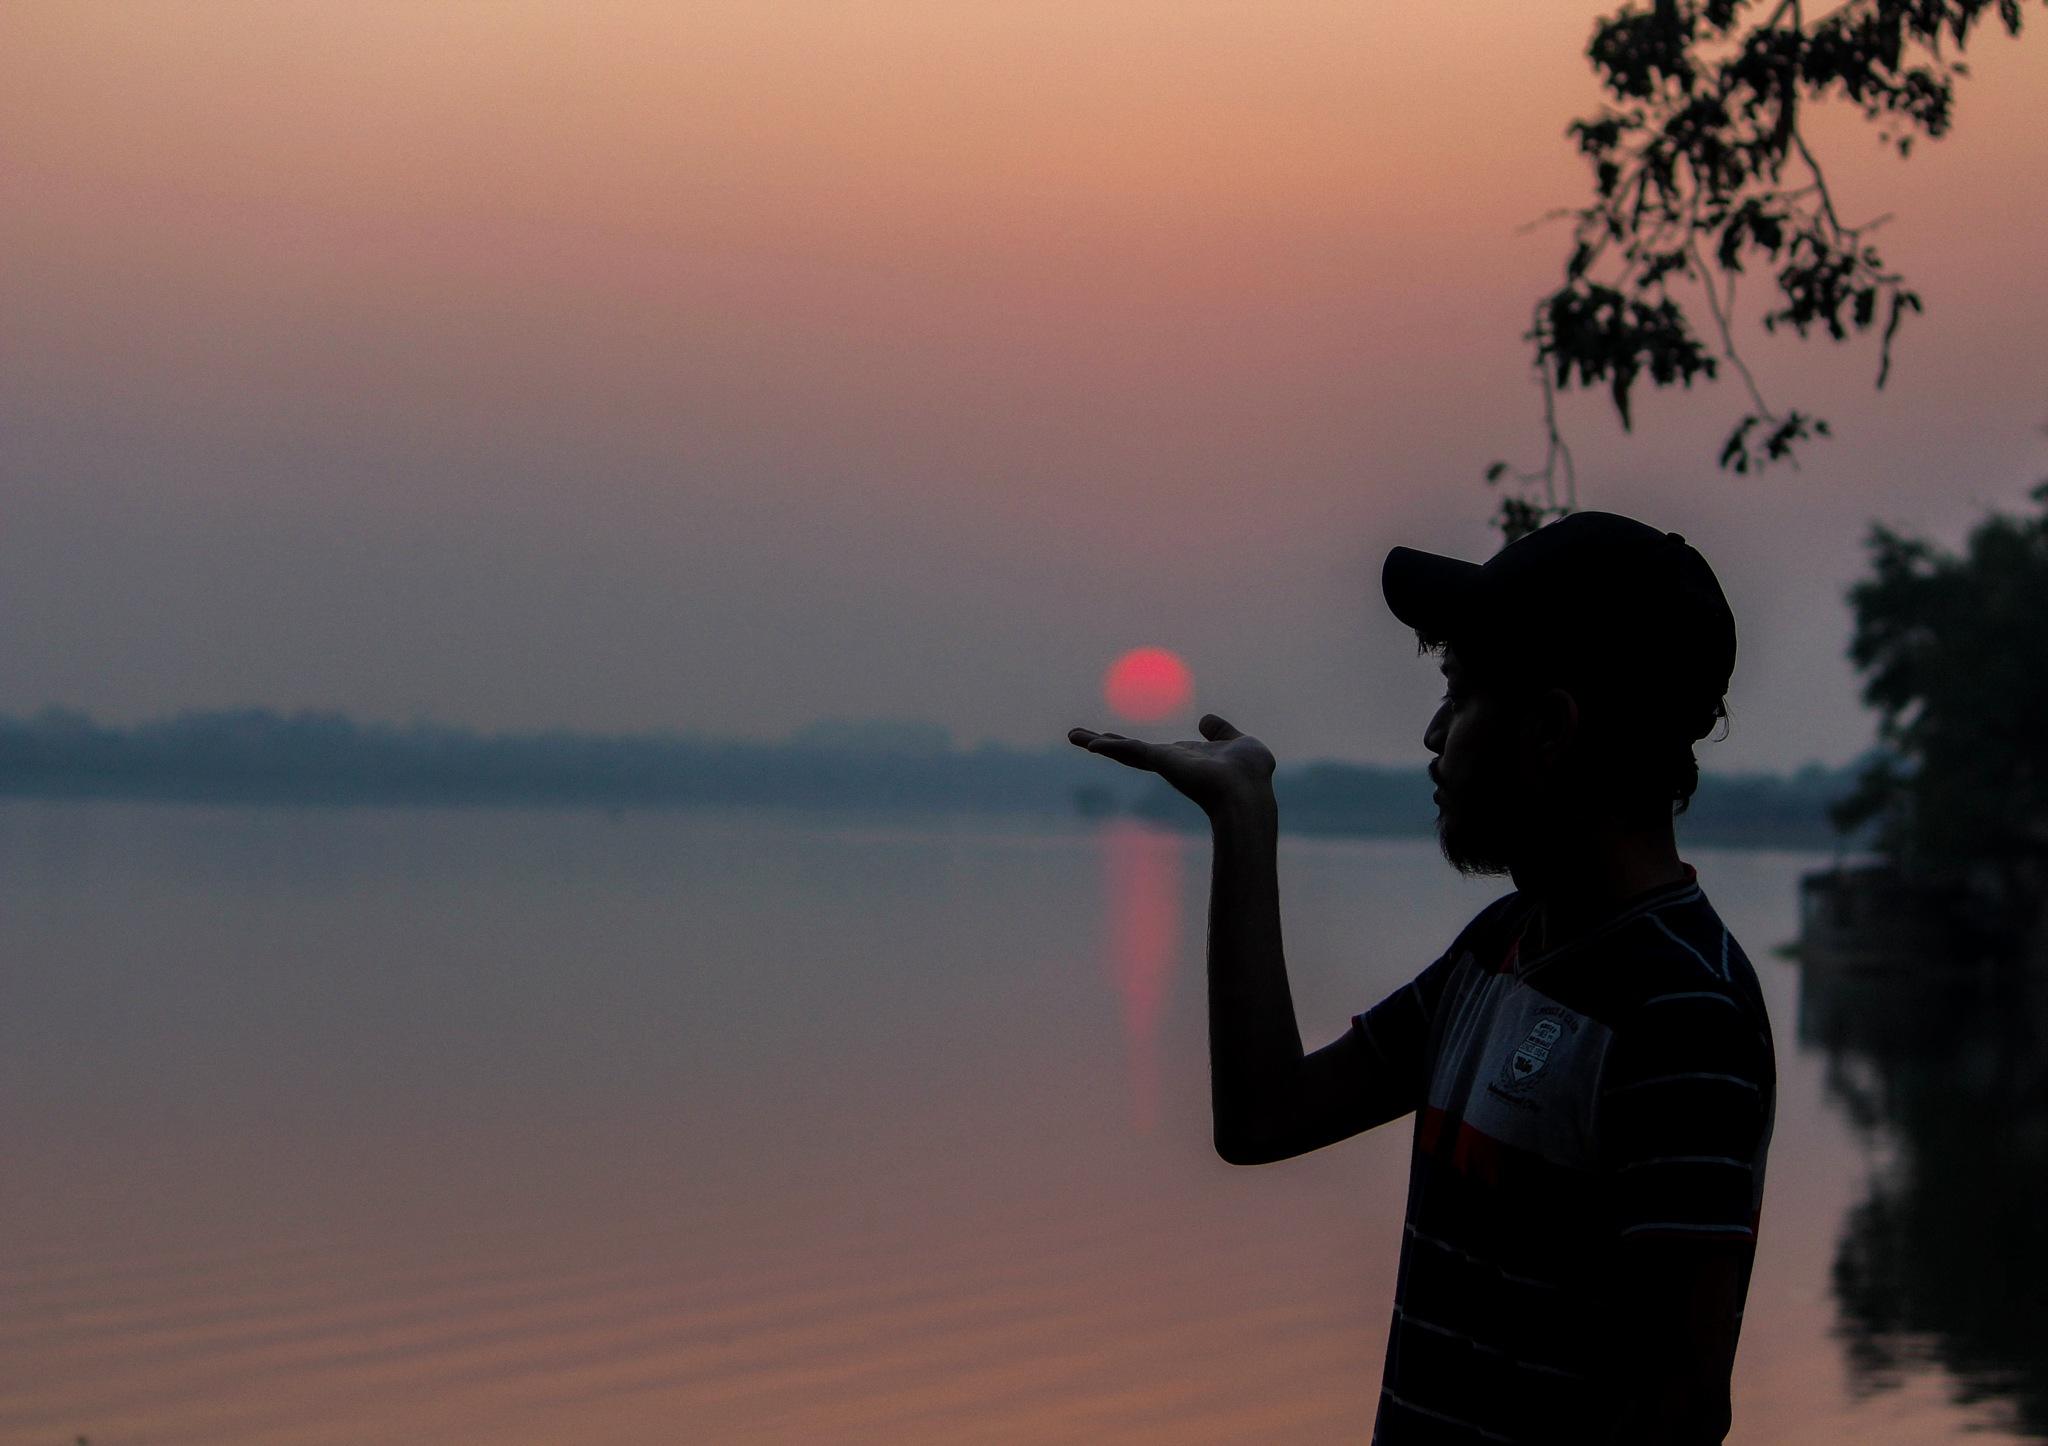 sunset by Kunal varade